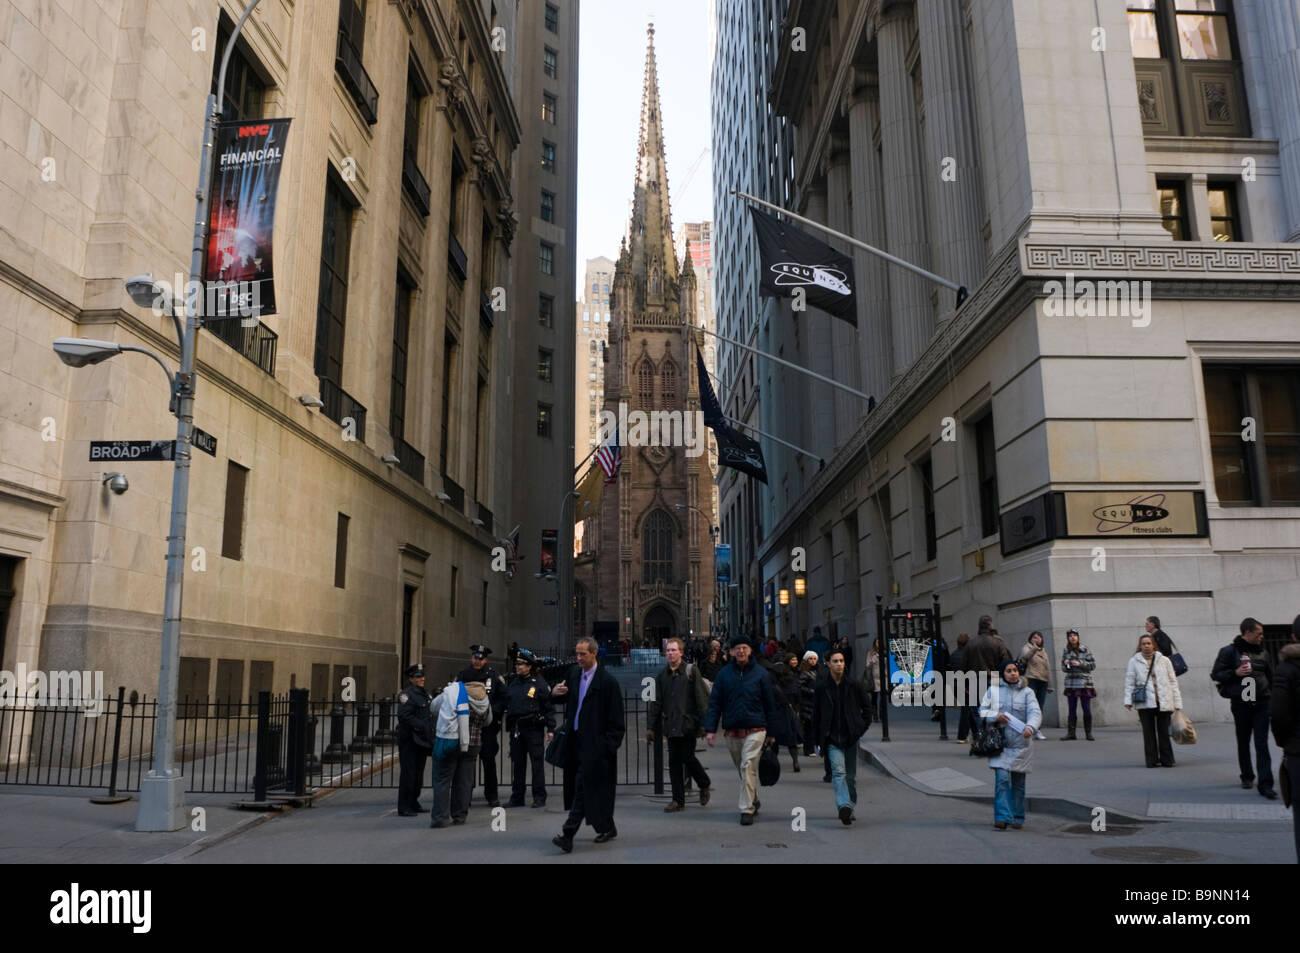 New York NY 24 mars 2009 Wall Street Photo Stock